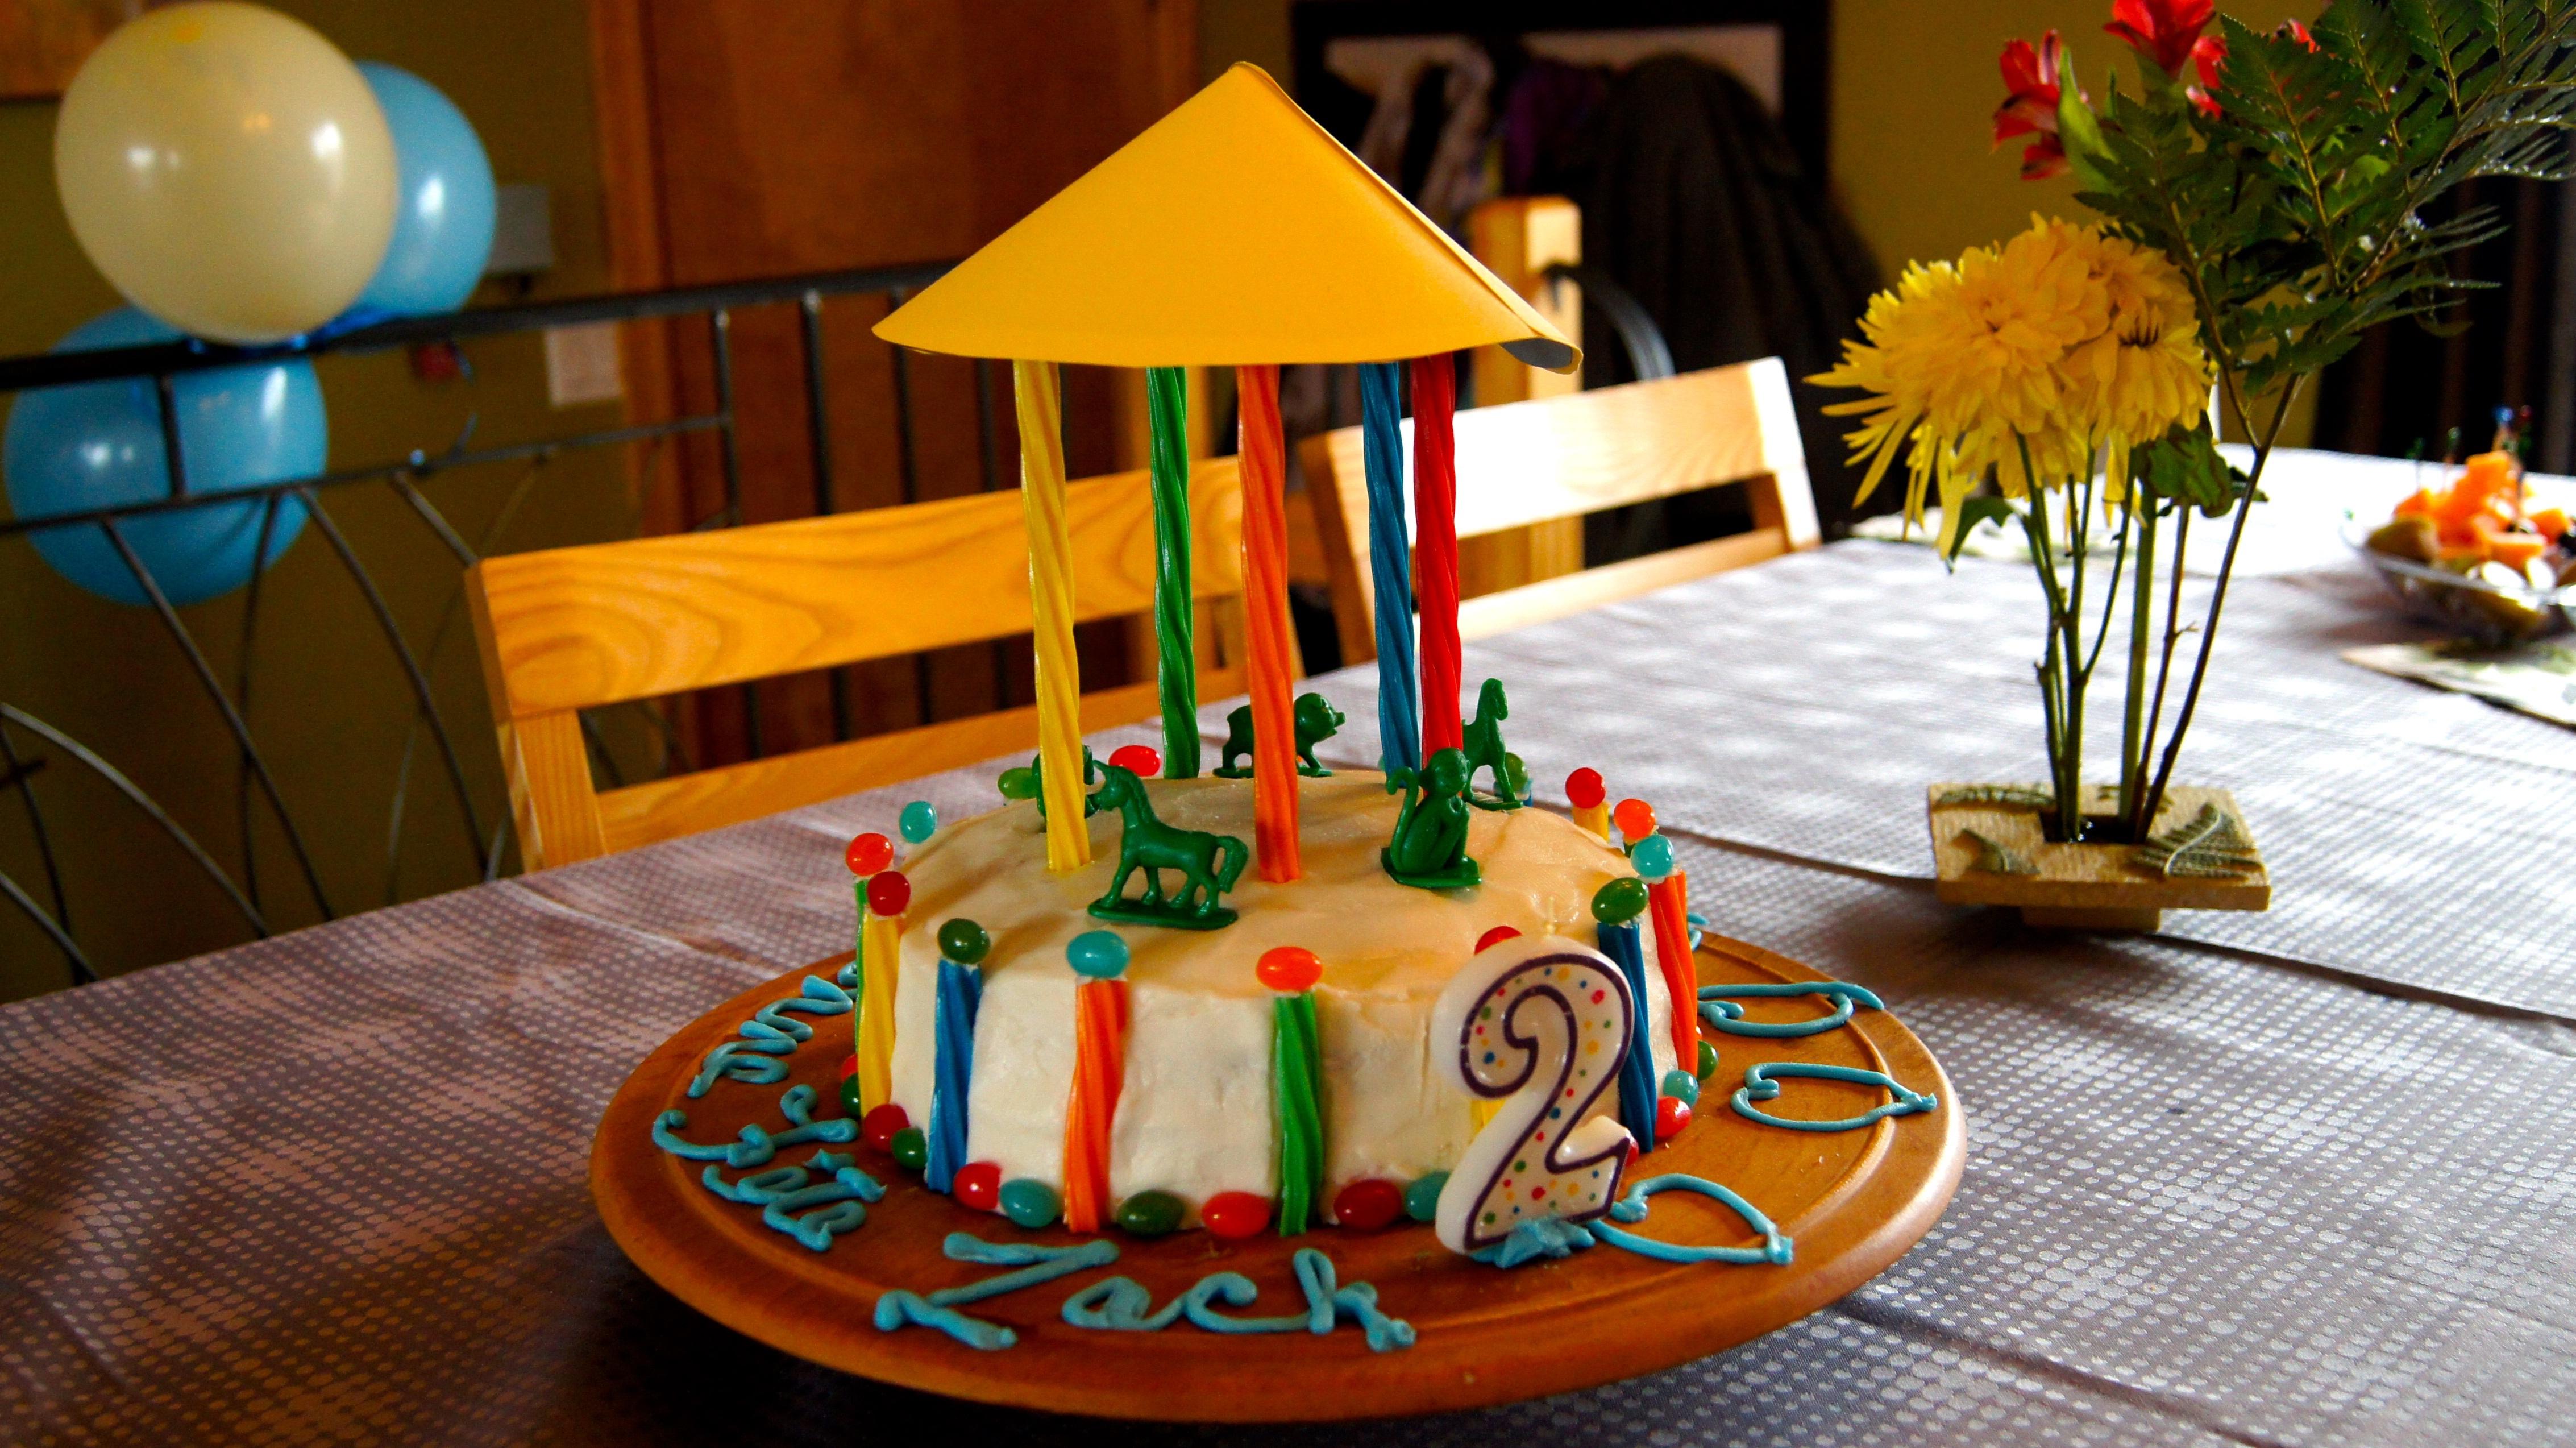 celebracion comida postre pastel pastel de cumpleaos festival fiesta cumpleaos decoracin de pasteles